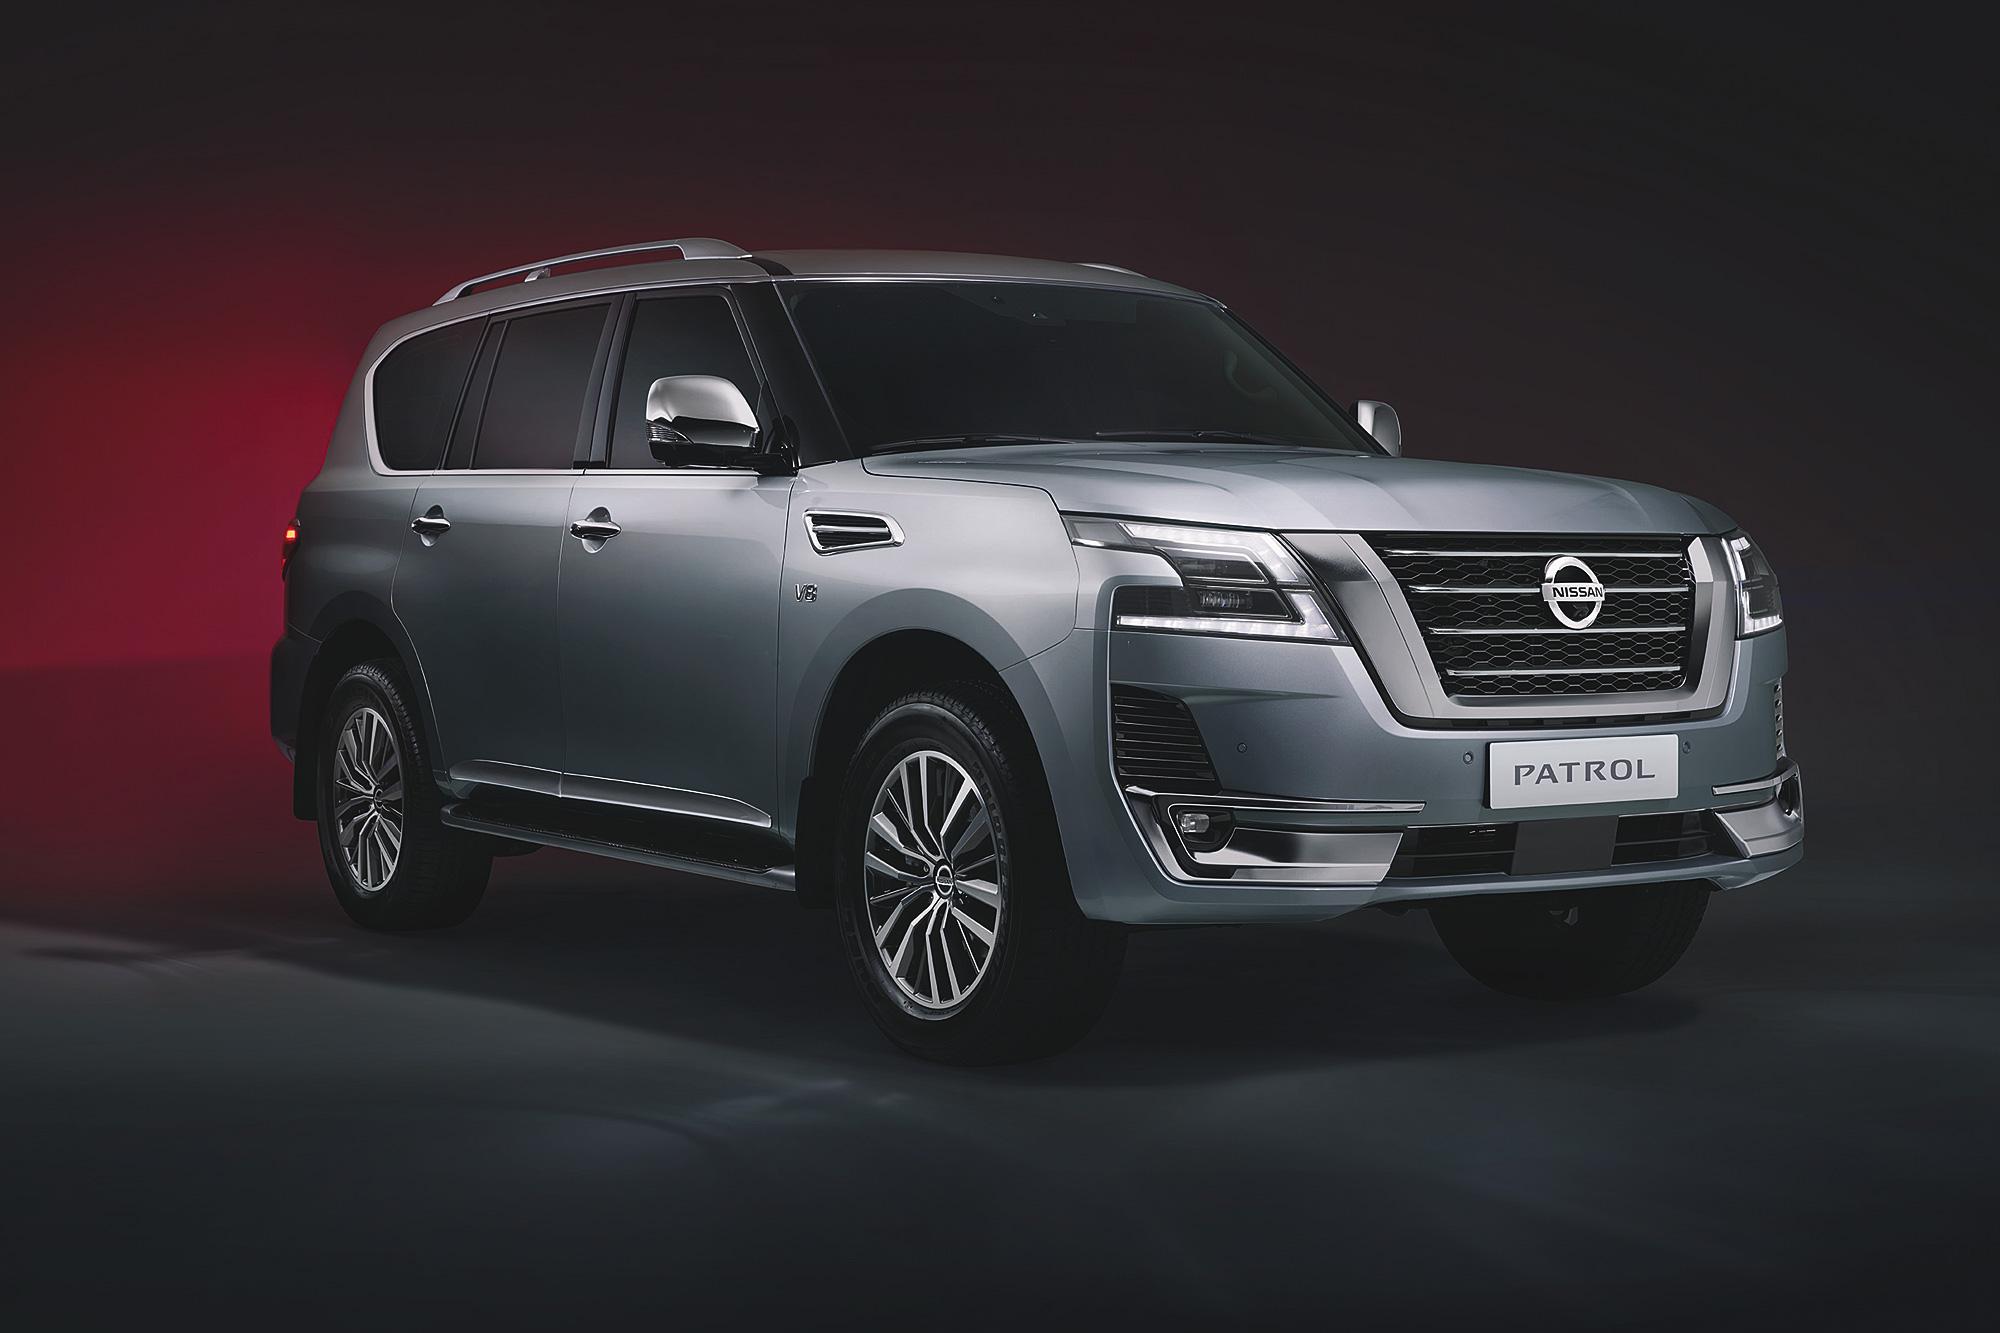 2020 年式 Patrol 小改款是本週少數發表的量產新車